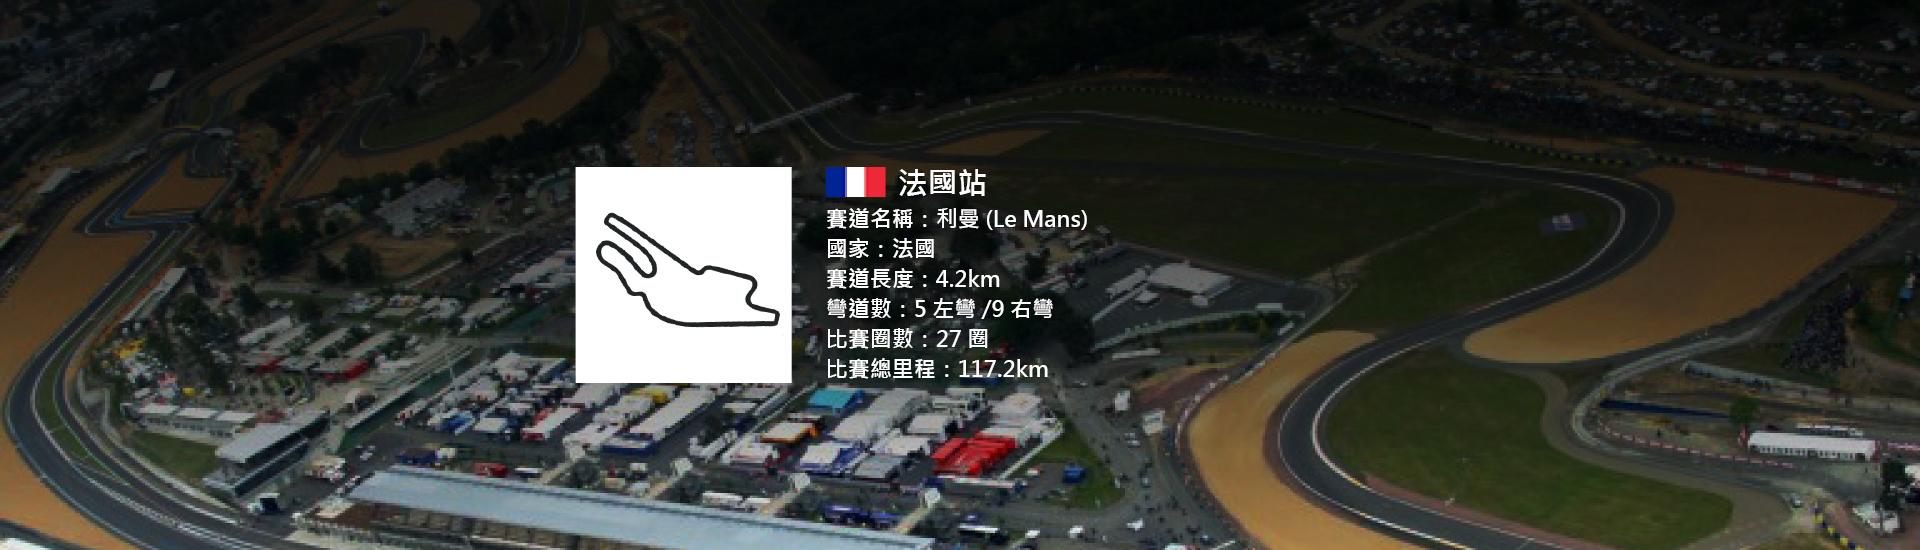 2018 MotoGP 法國站